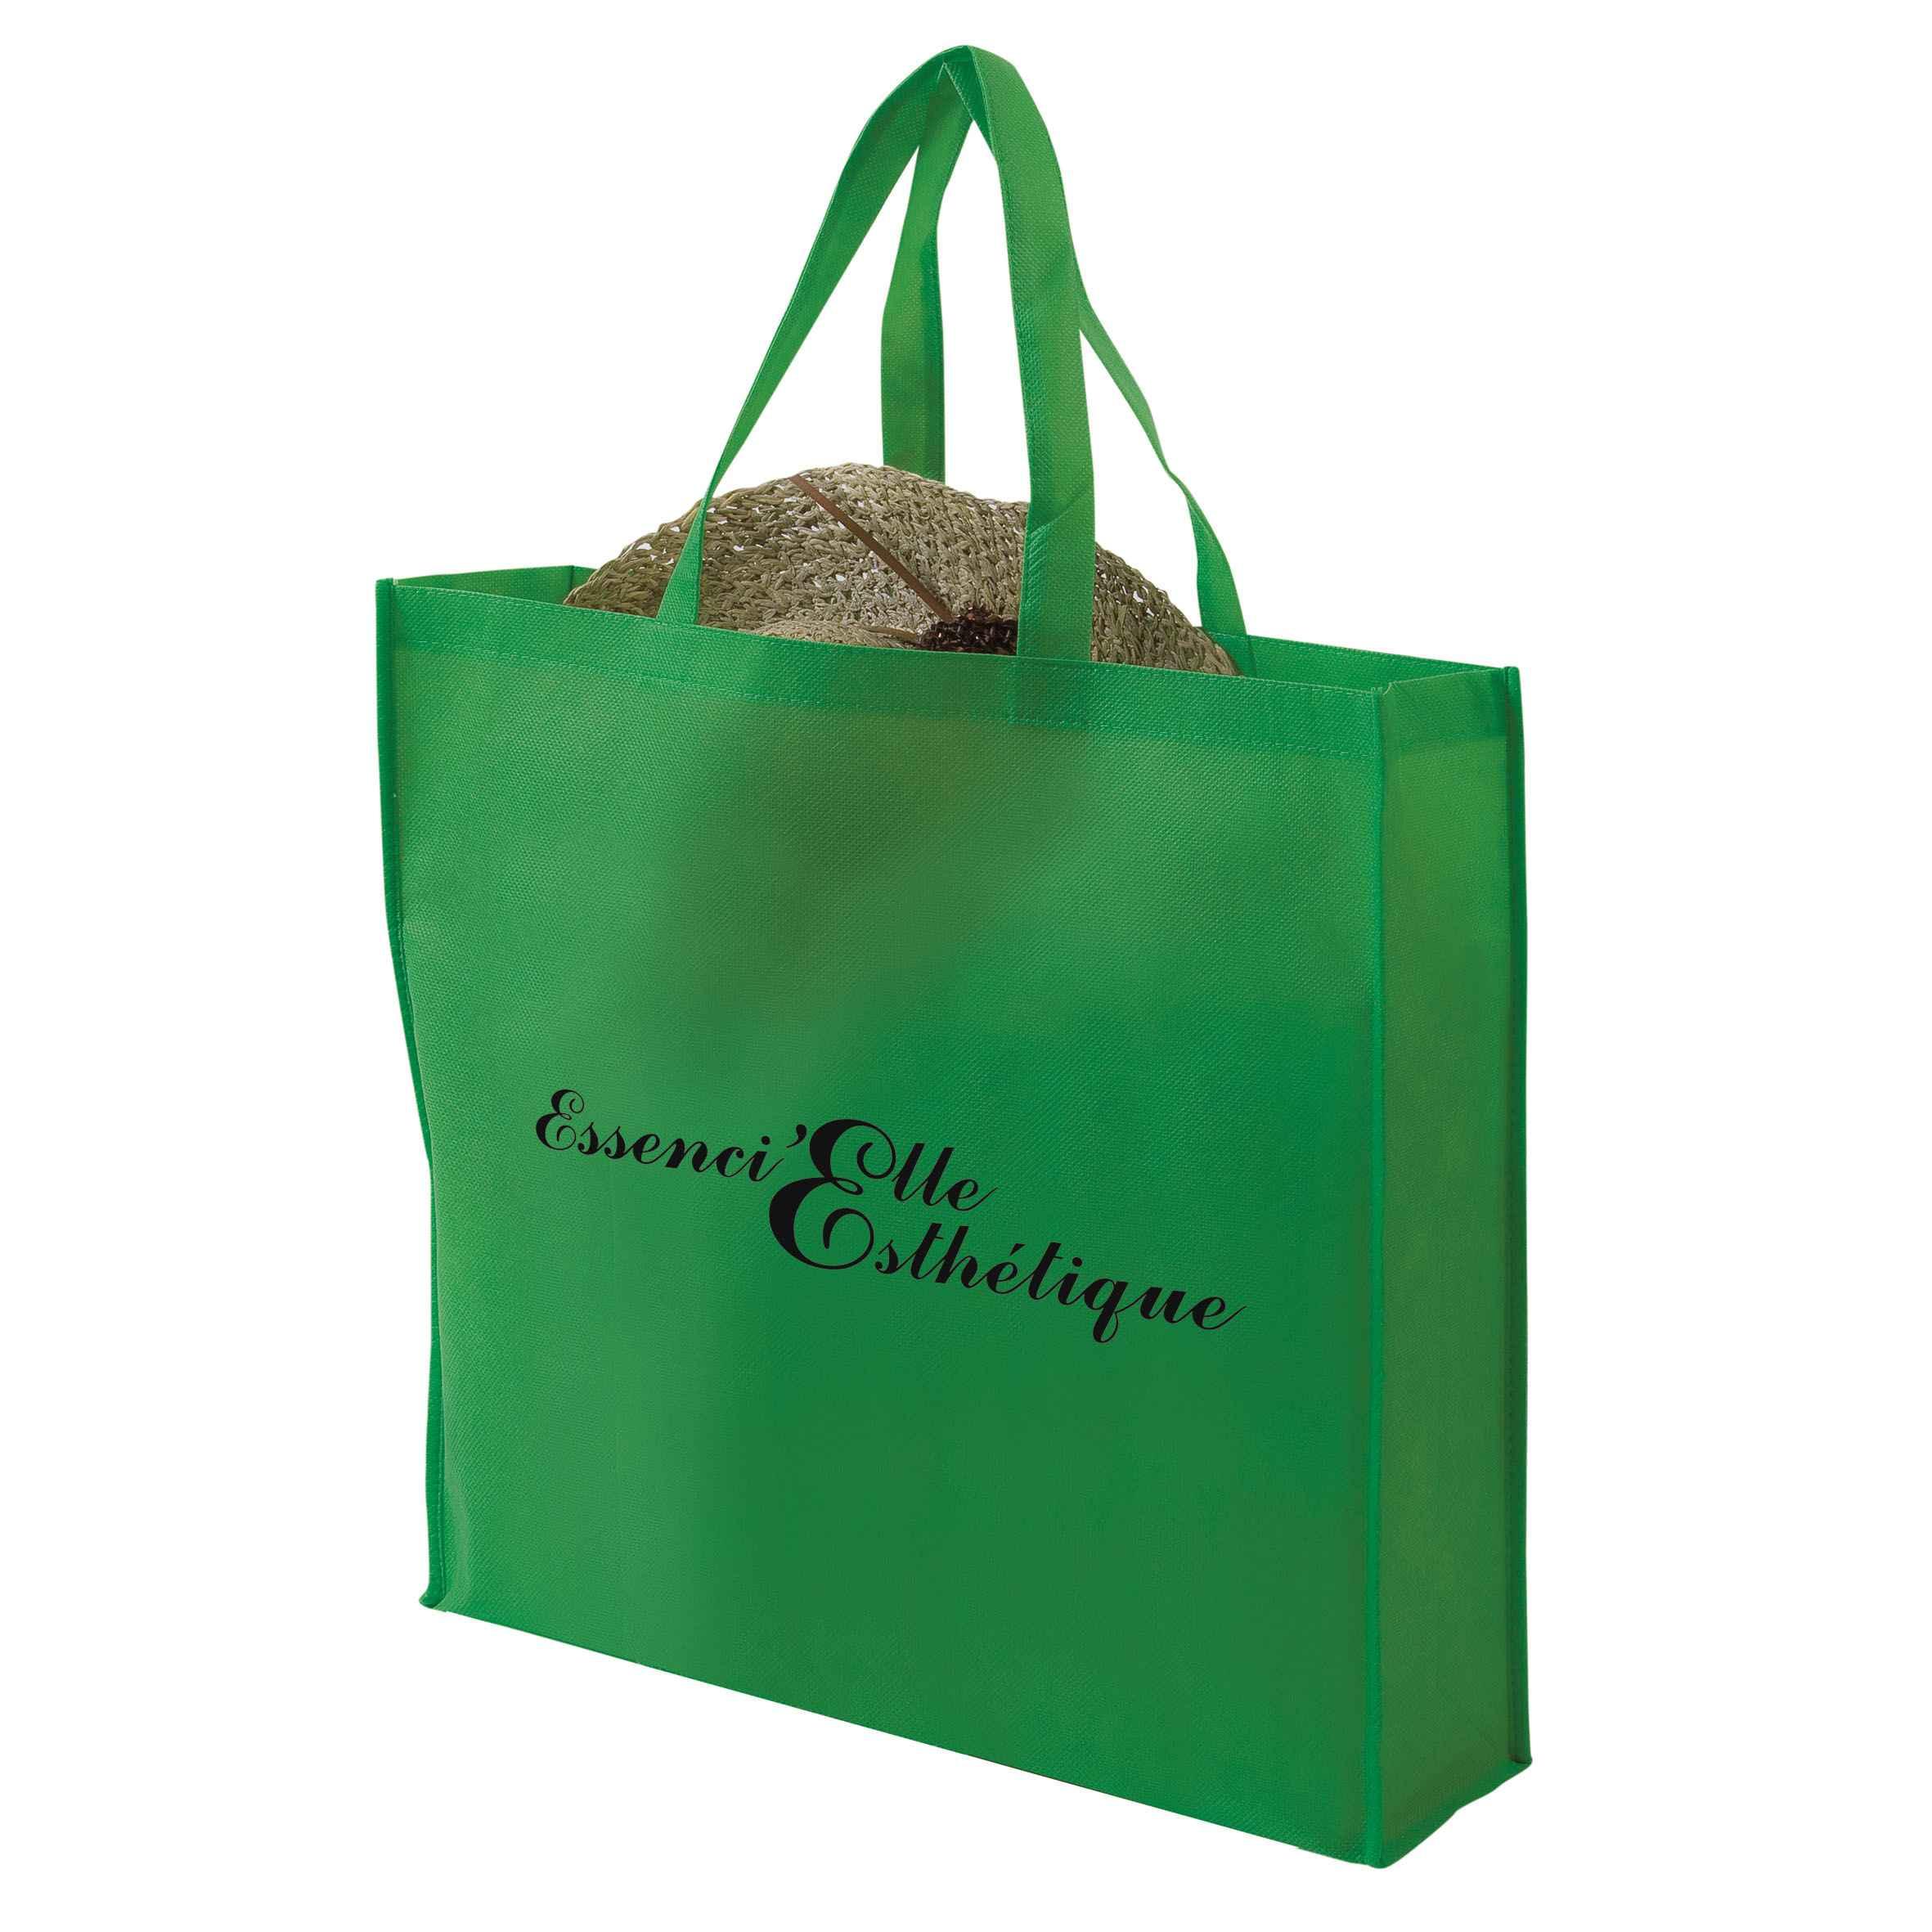 Sac shopping publicitaire pliable non tissé Pochette - Objet promotionnel